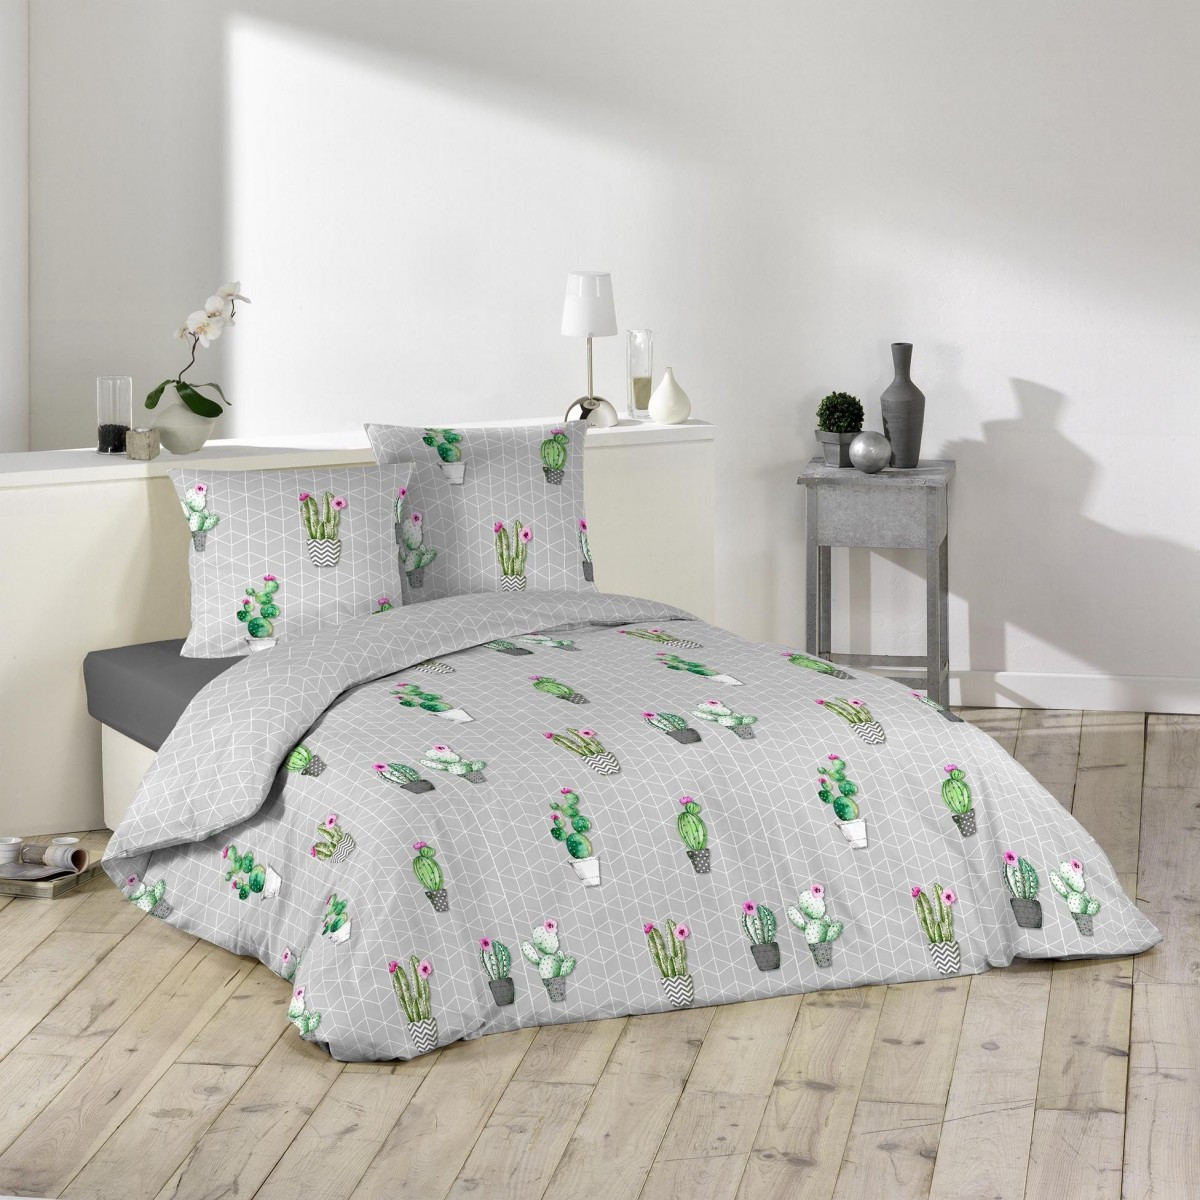 parure housse de couette collection cactus. Black Bedroom Furniture Sets. Home Design Ideas